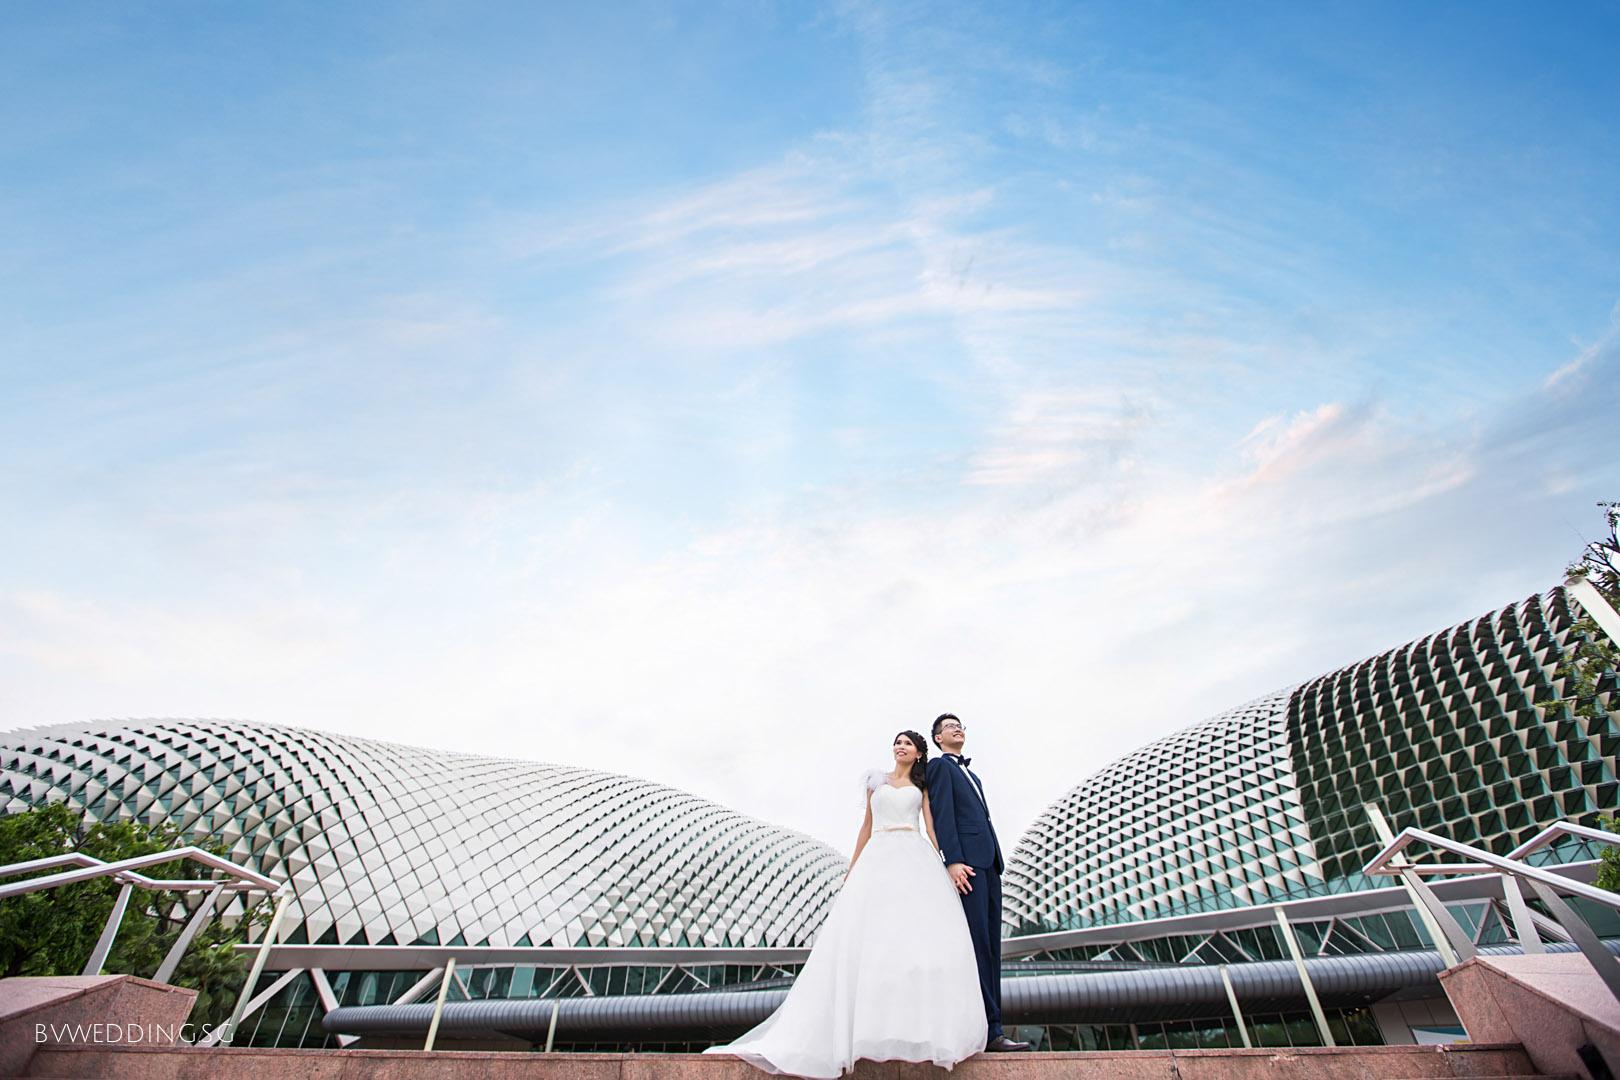 Pre-wedding photoshoot at esplanade